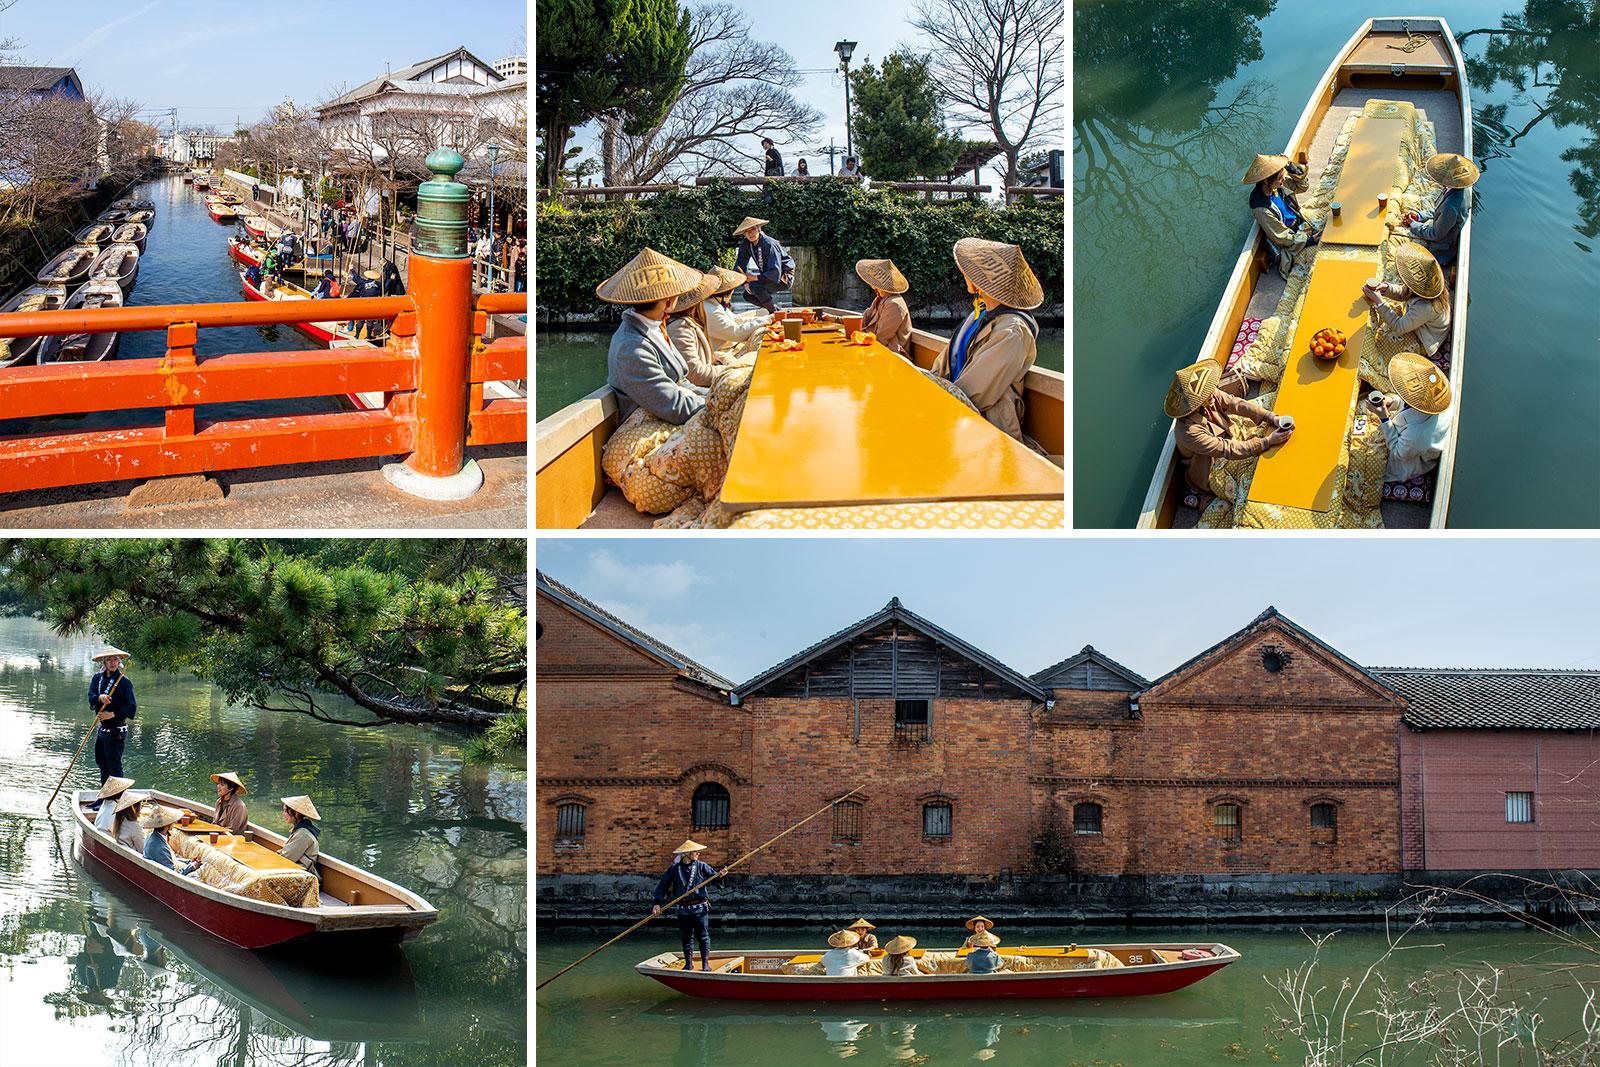 柳川川下りこたつ舟